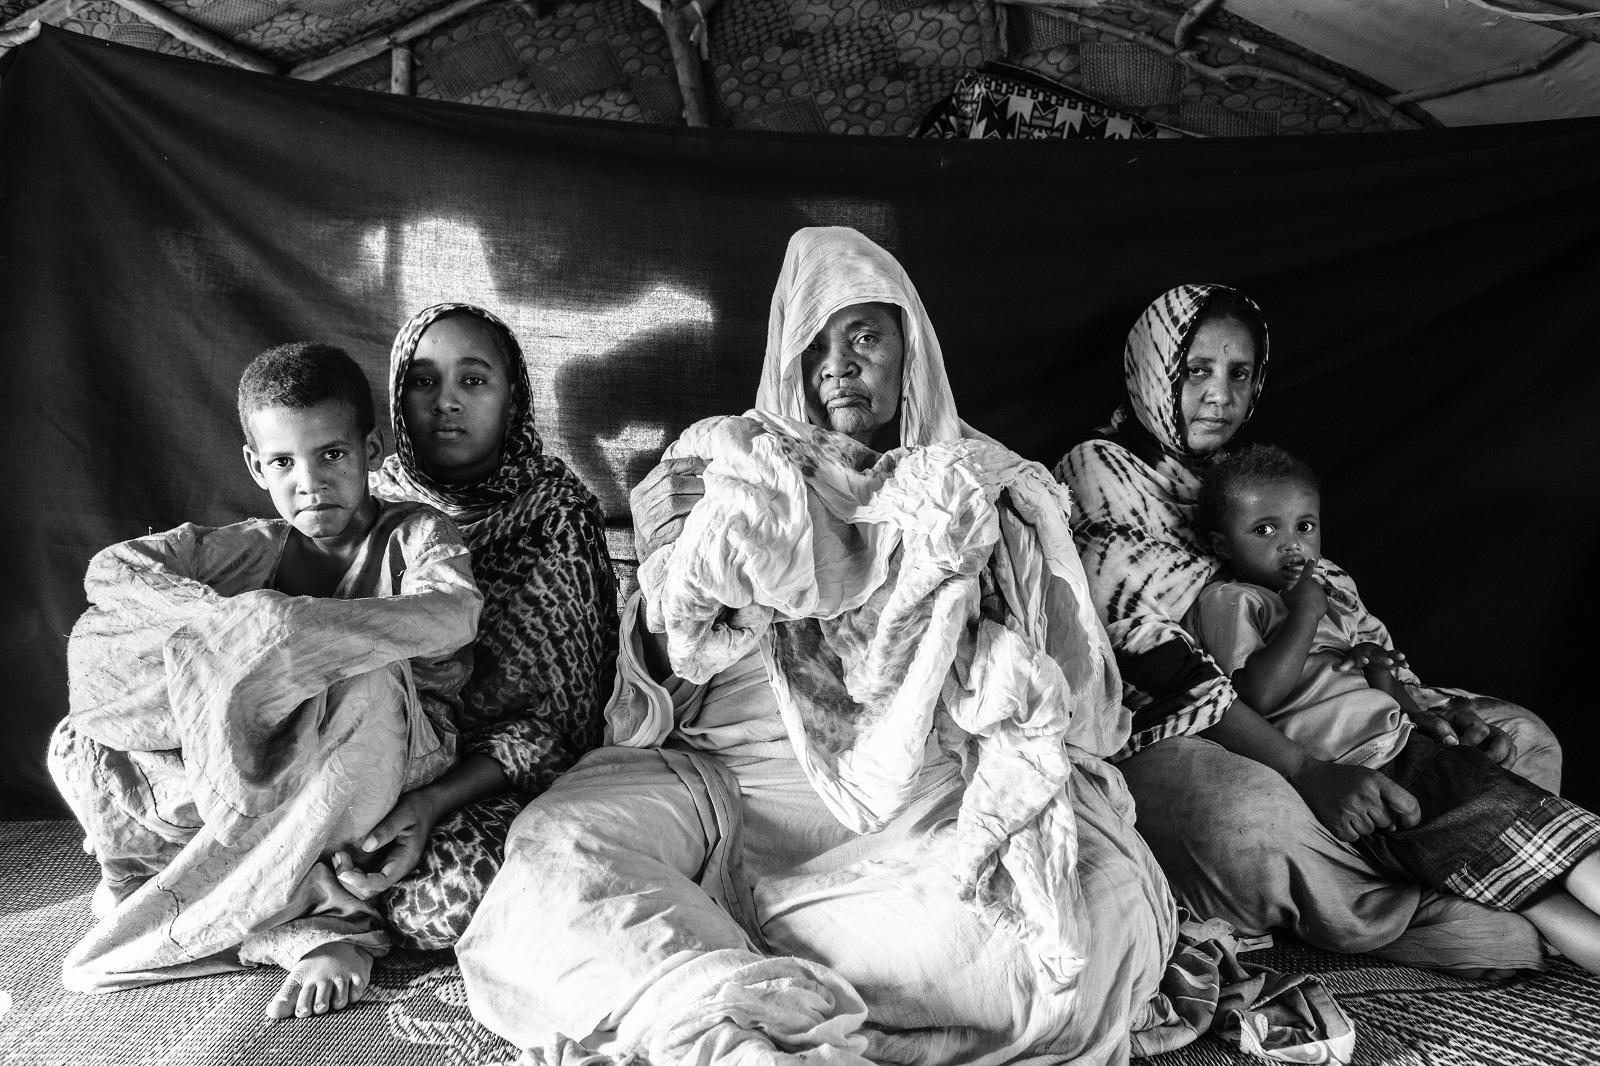 Συγκινητικές φωτογραφίες προσφύγων που κρατούν ότι πολυτιμότερο έχουν [εικόνες]